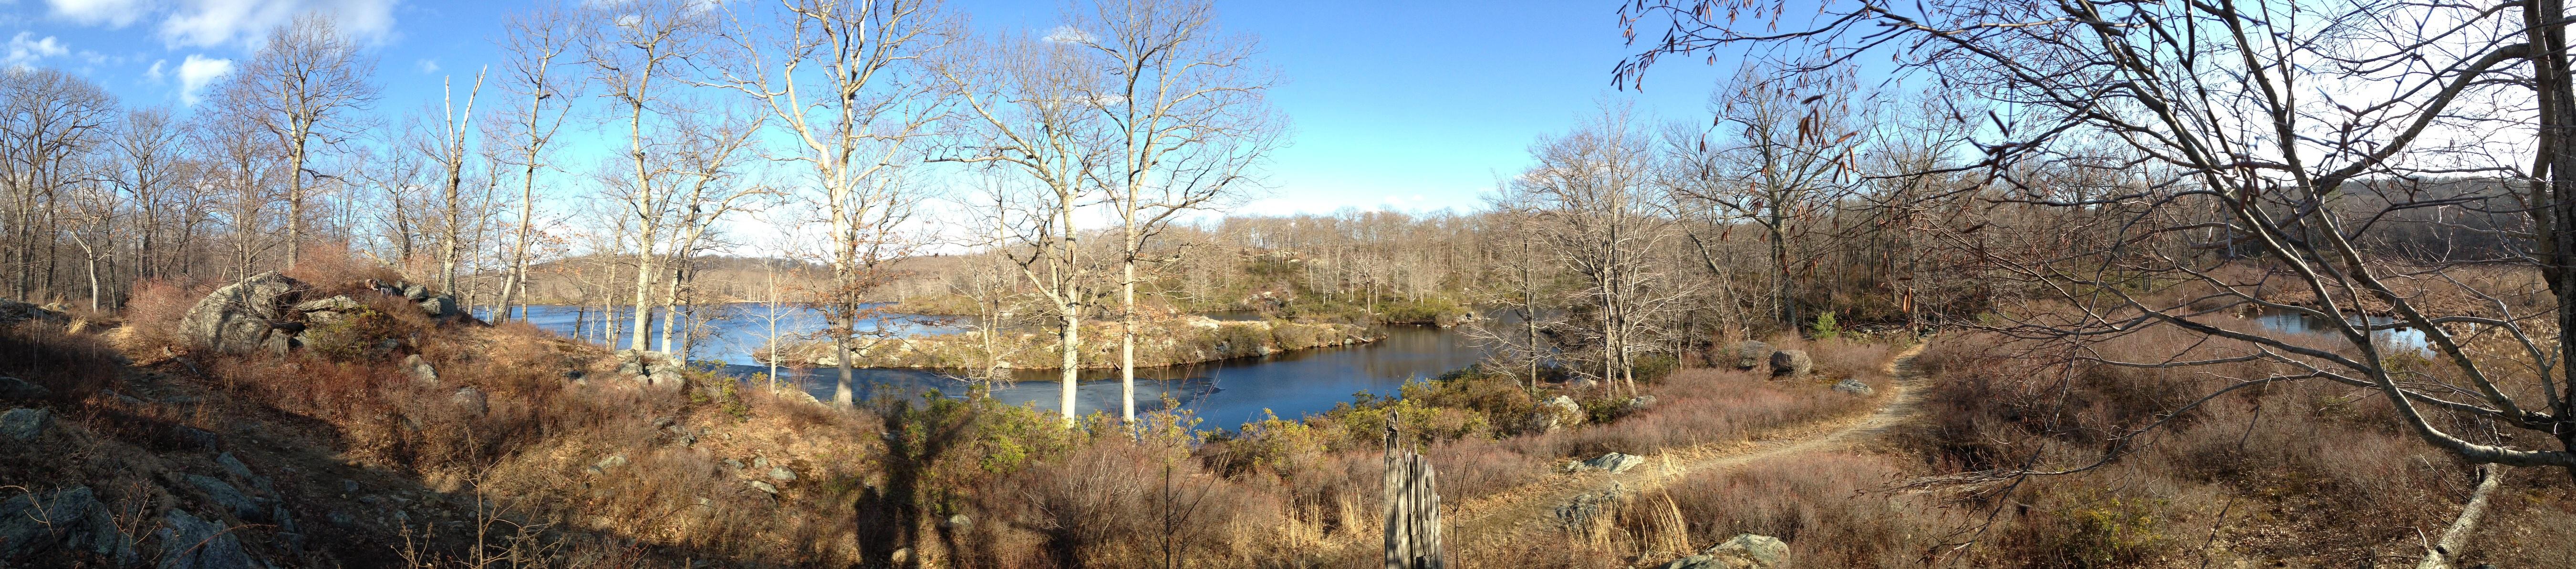 Lake Skenonto and swamp panorama